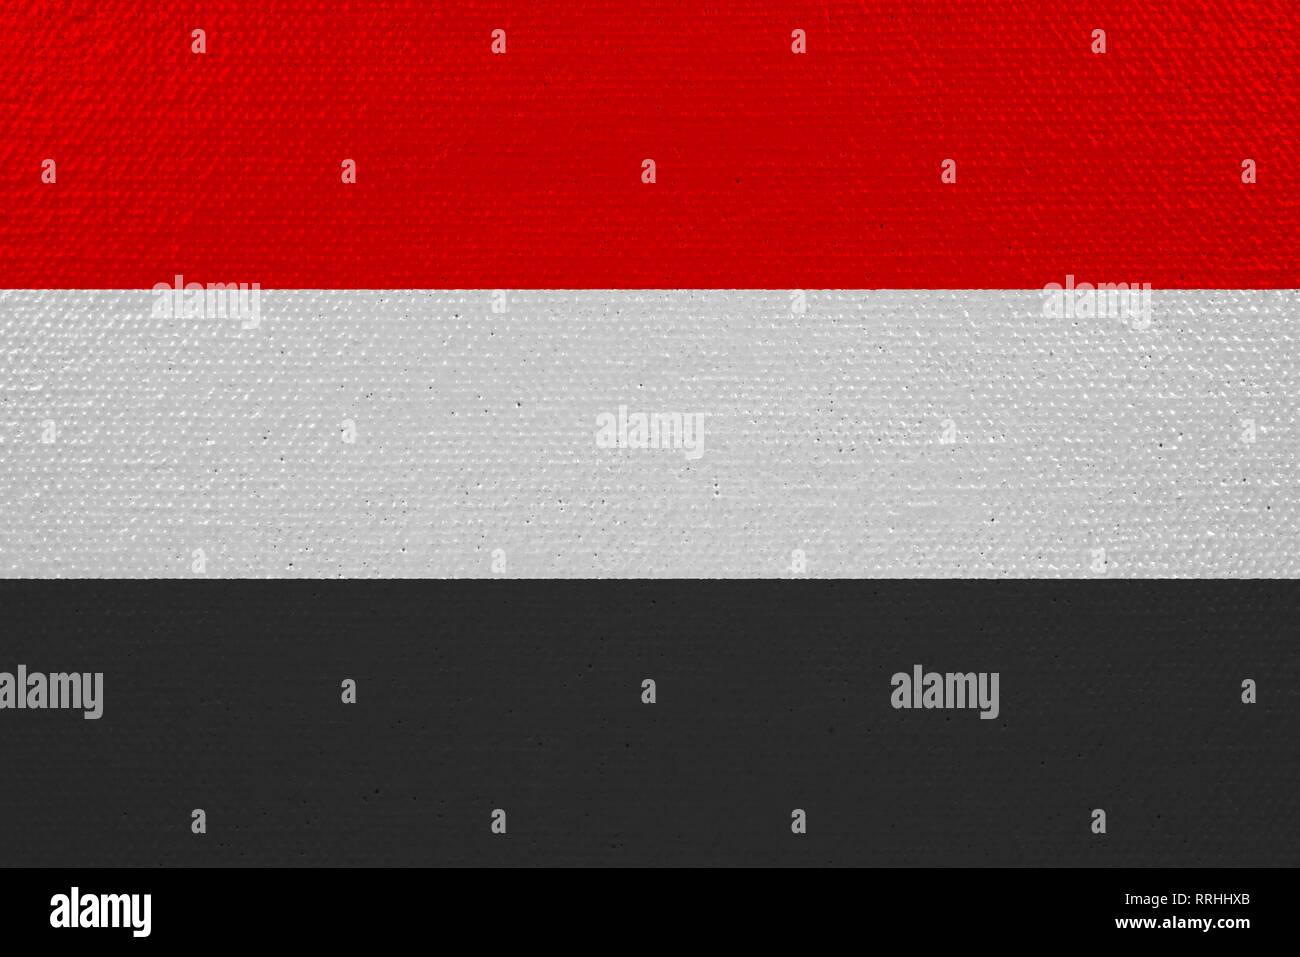 yemen flag on canvas - Stock Image